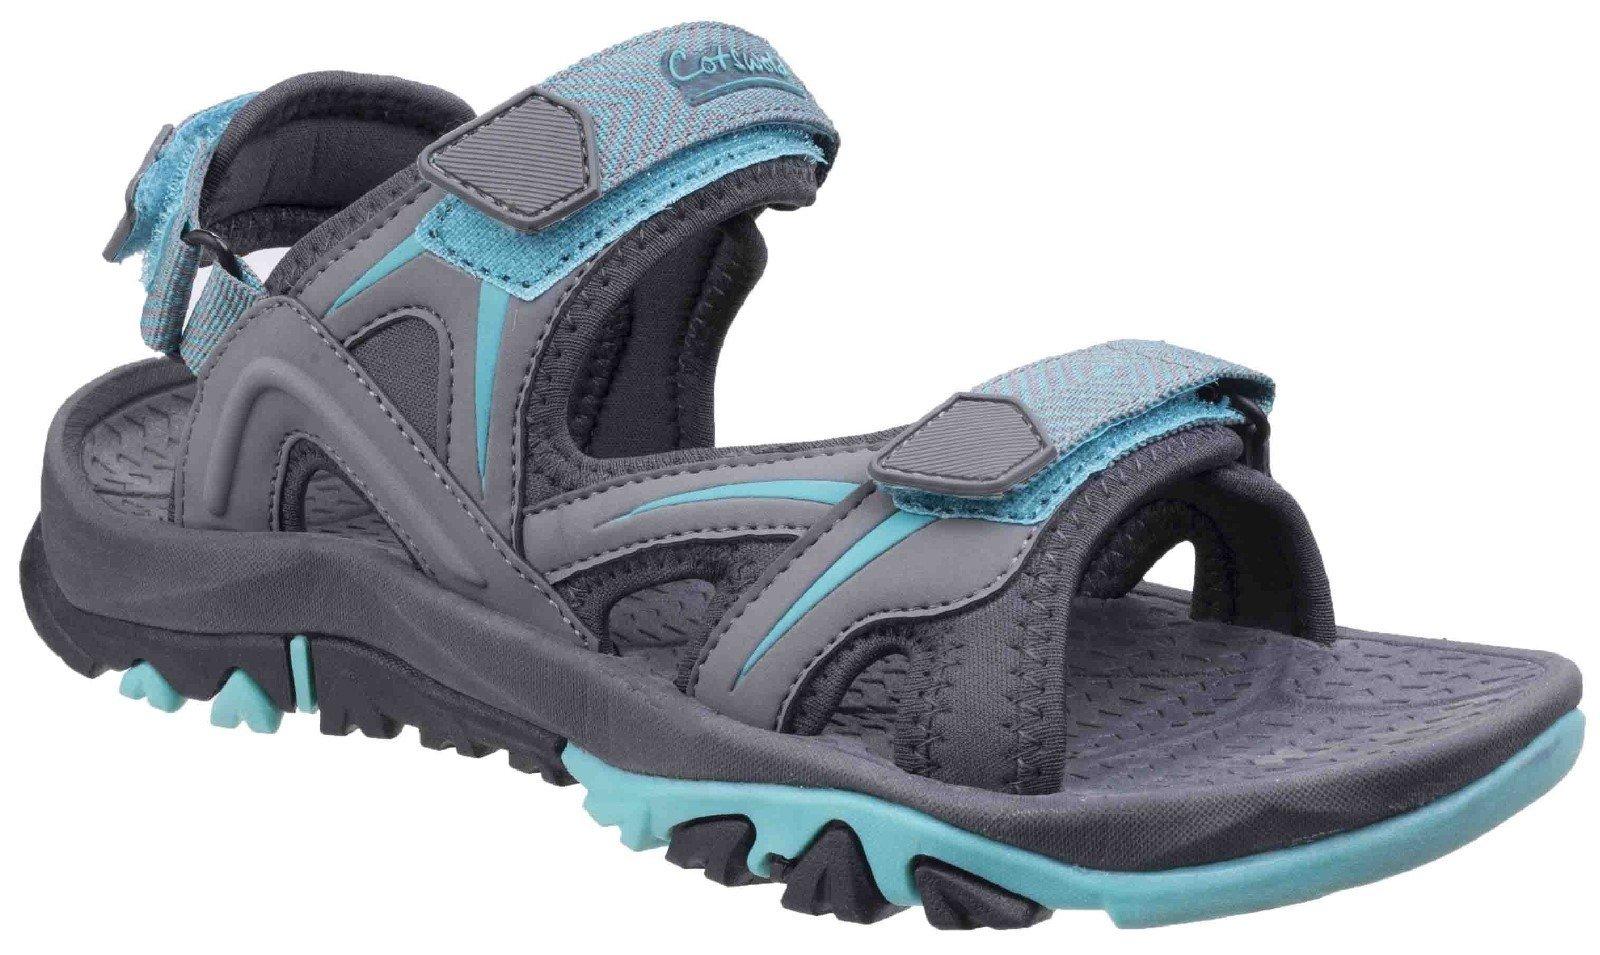 Cotswold Women's Swinbrook Sandal Various Colours 26266 - Grey/Aqua 3